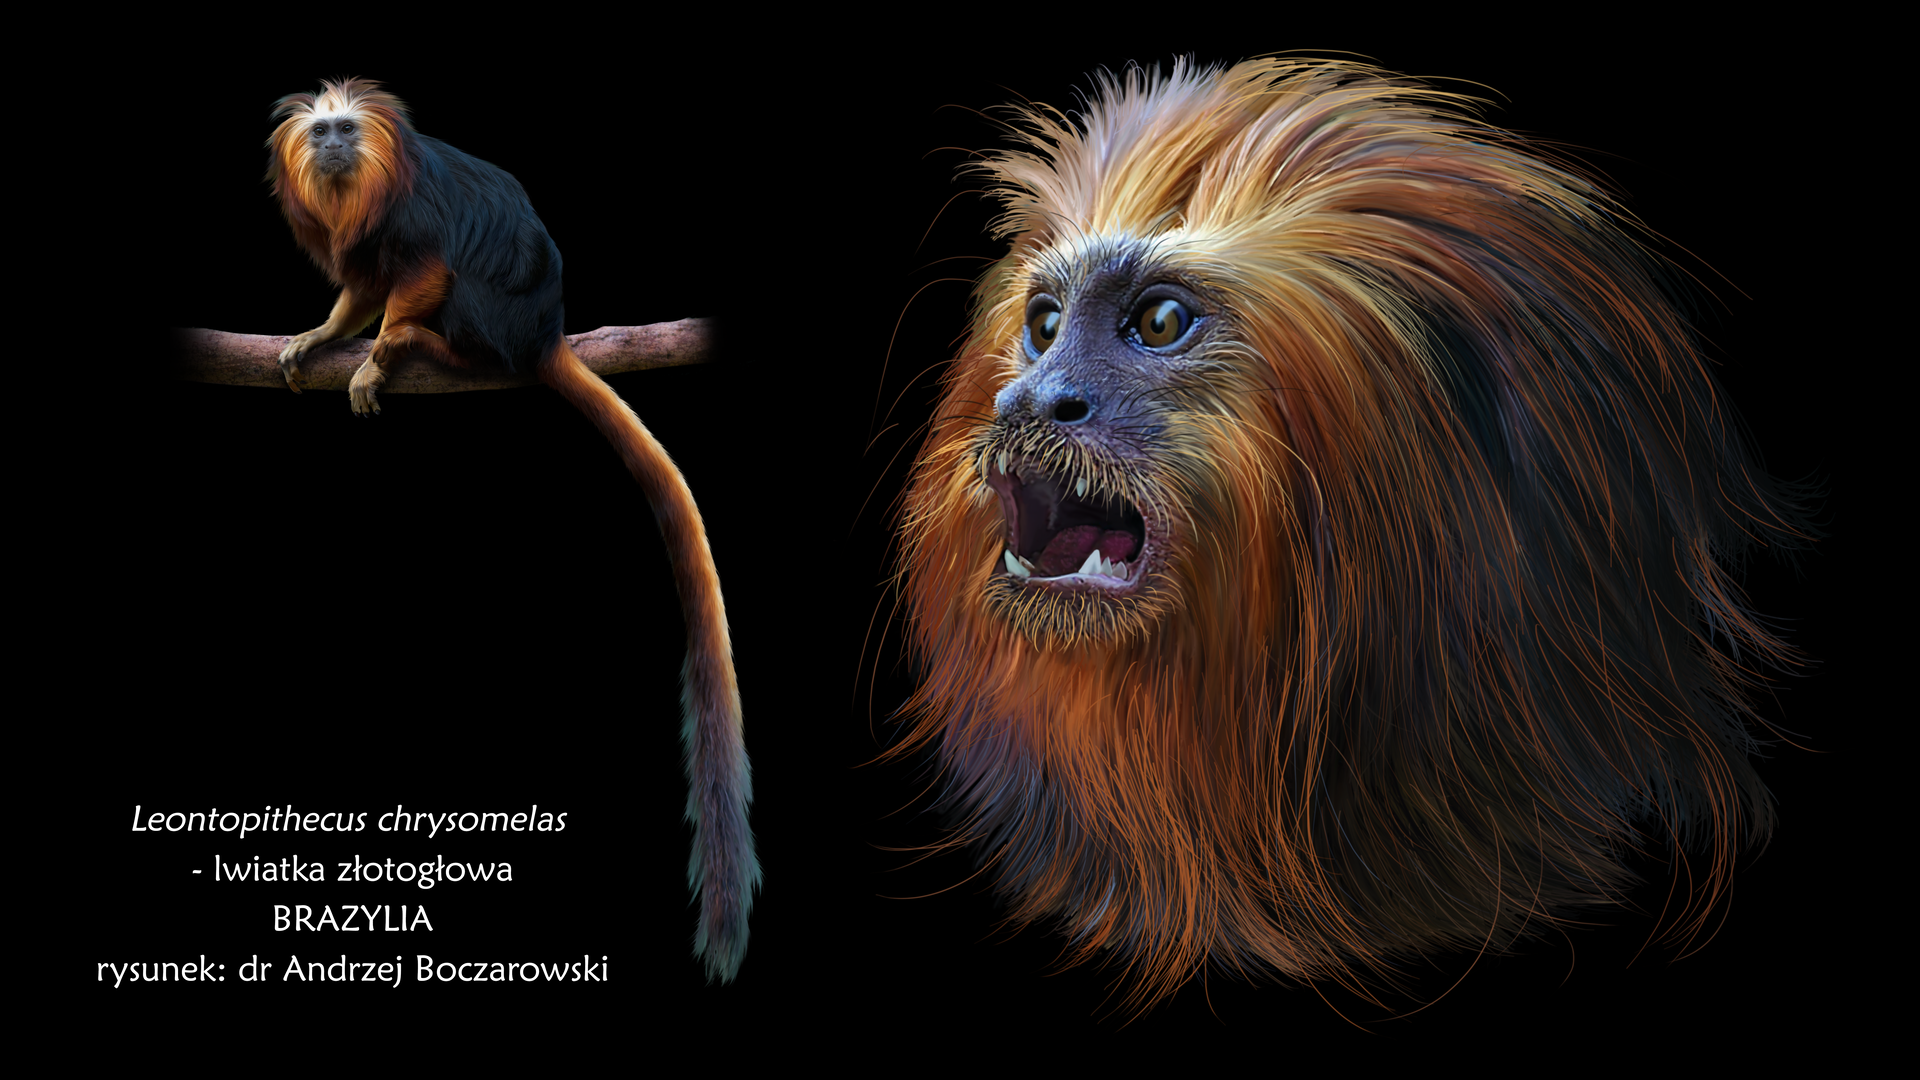 Fotografia siódma prezentuje lwiatkę złotogłową. Małpiatkę niewielkich rozmiarów zdługą grzywą na głowie. Grzywa jest pomarańxzowa, reszta ciała ciemnobrązowa. Ogon długi, zakończony pędzelkiem pomarańczowych włosów.